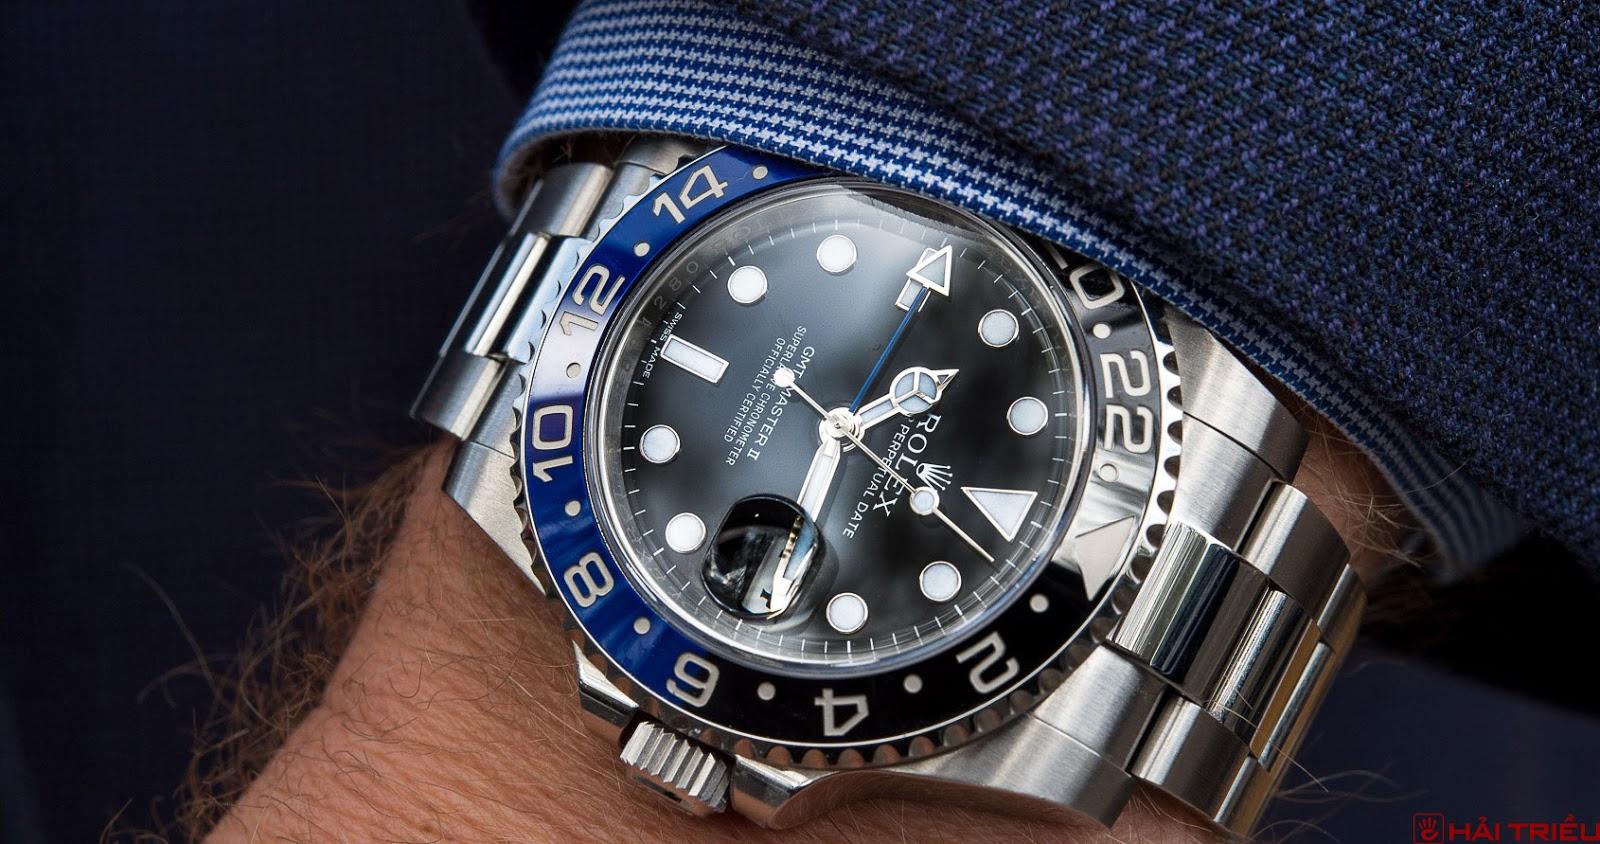 Tìm hiểu 10 thương hiệu đồng hồ nổi tiếng nhất thế giới